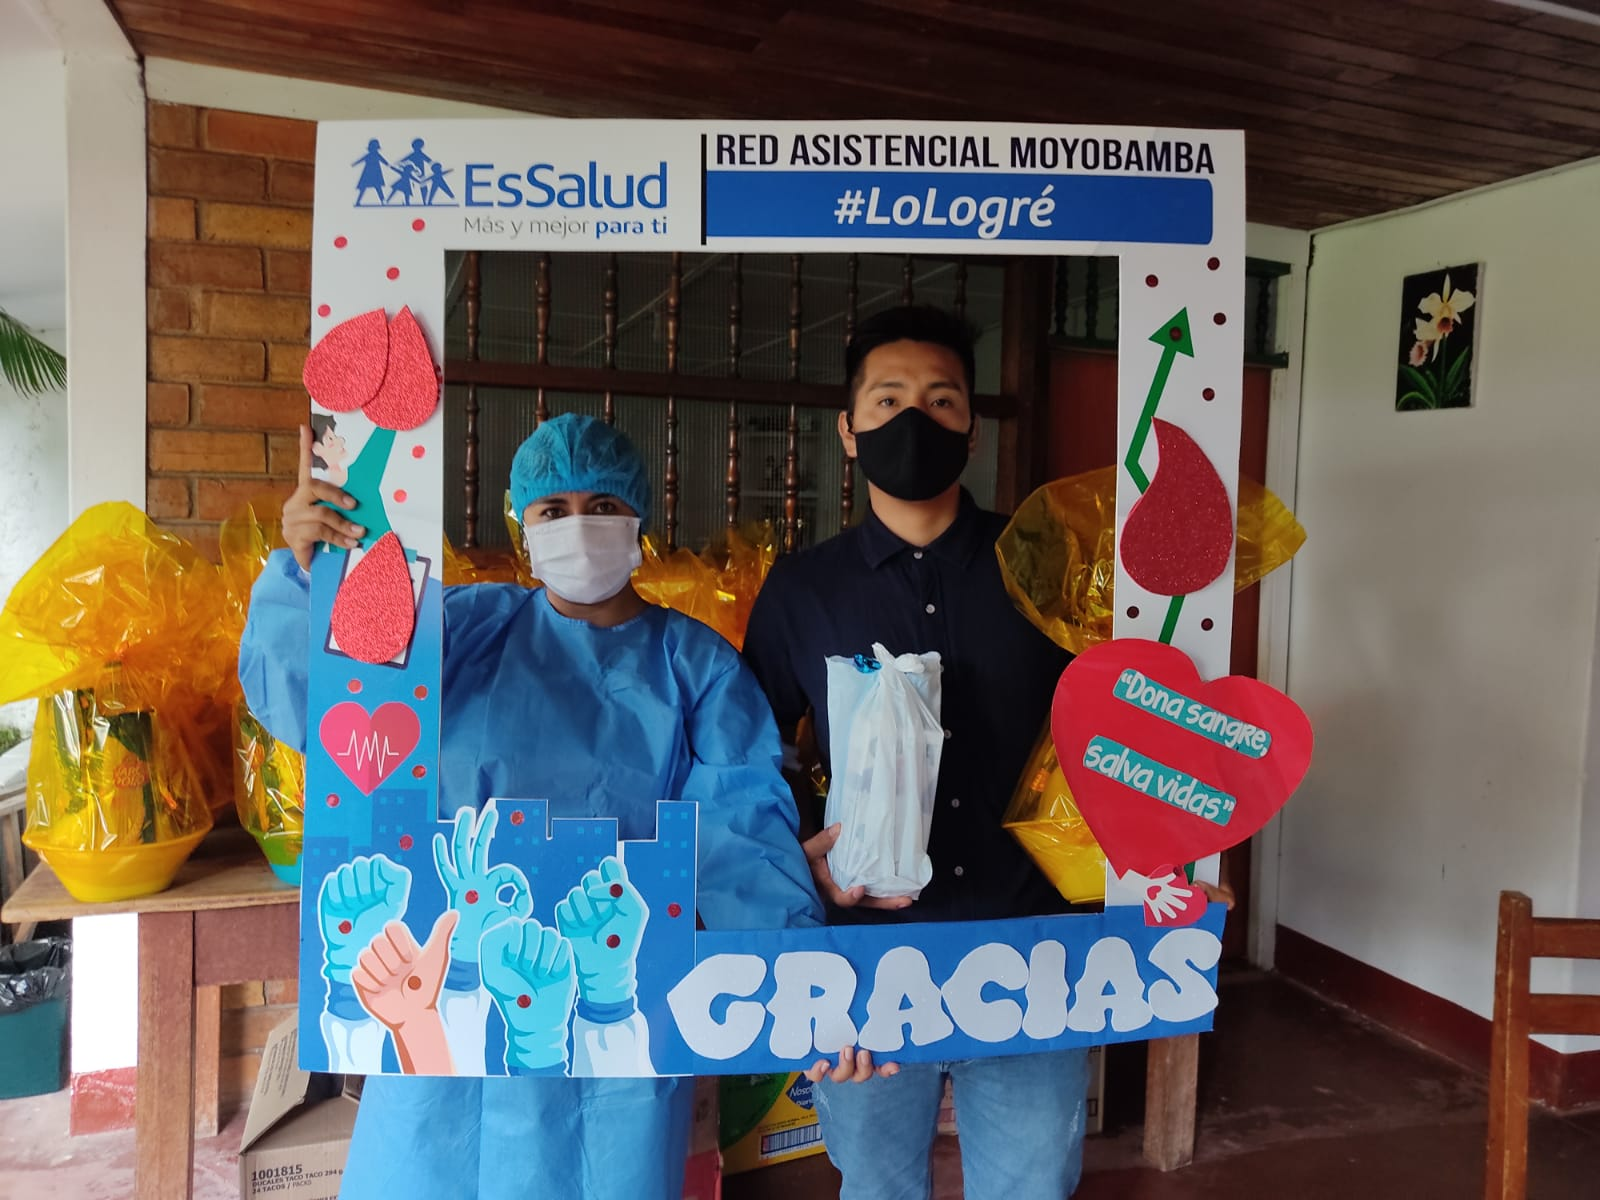 Essalud - EsSalud Moyobamba realizó jornada de donación voluntaria de sangre